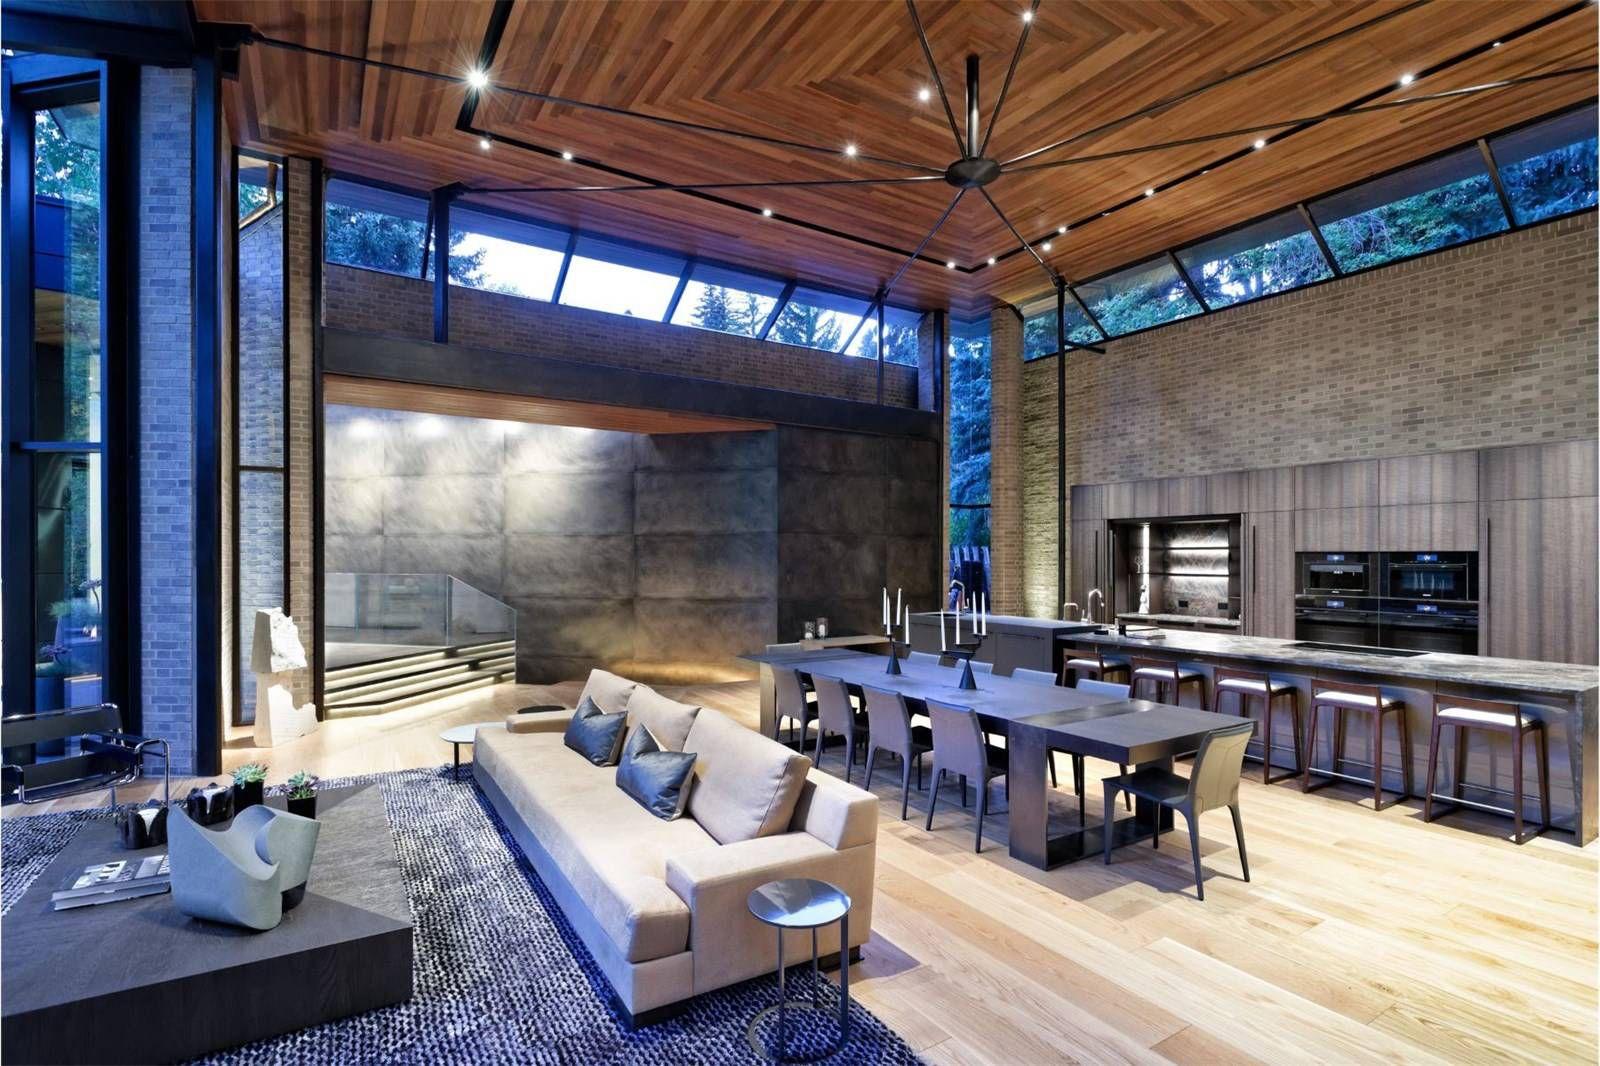 Best Quality Furniture Upholstered Platform Bed Japanese Home